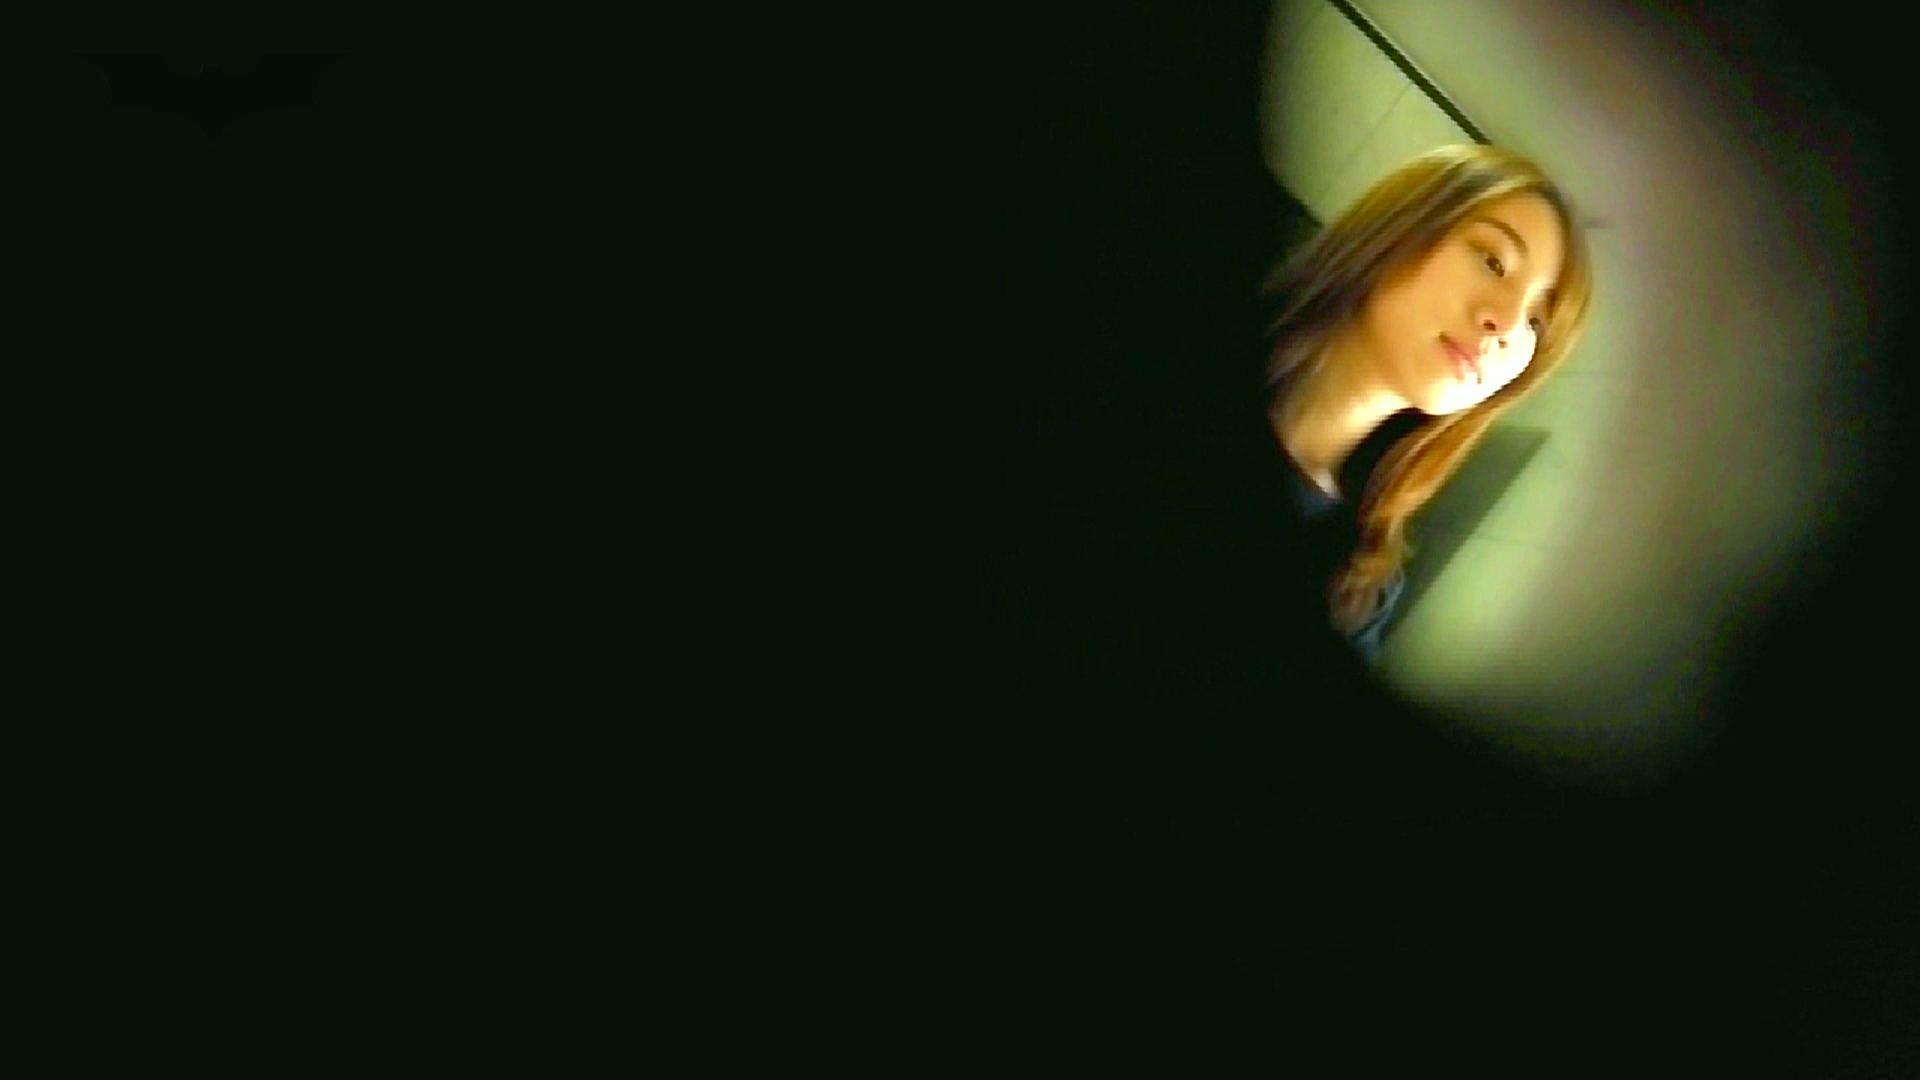 巨乳 乳首:世界の射窓から ステーション編 vol.2:怪盗ジョーカー